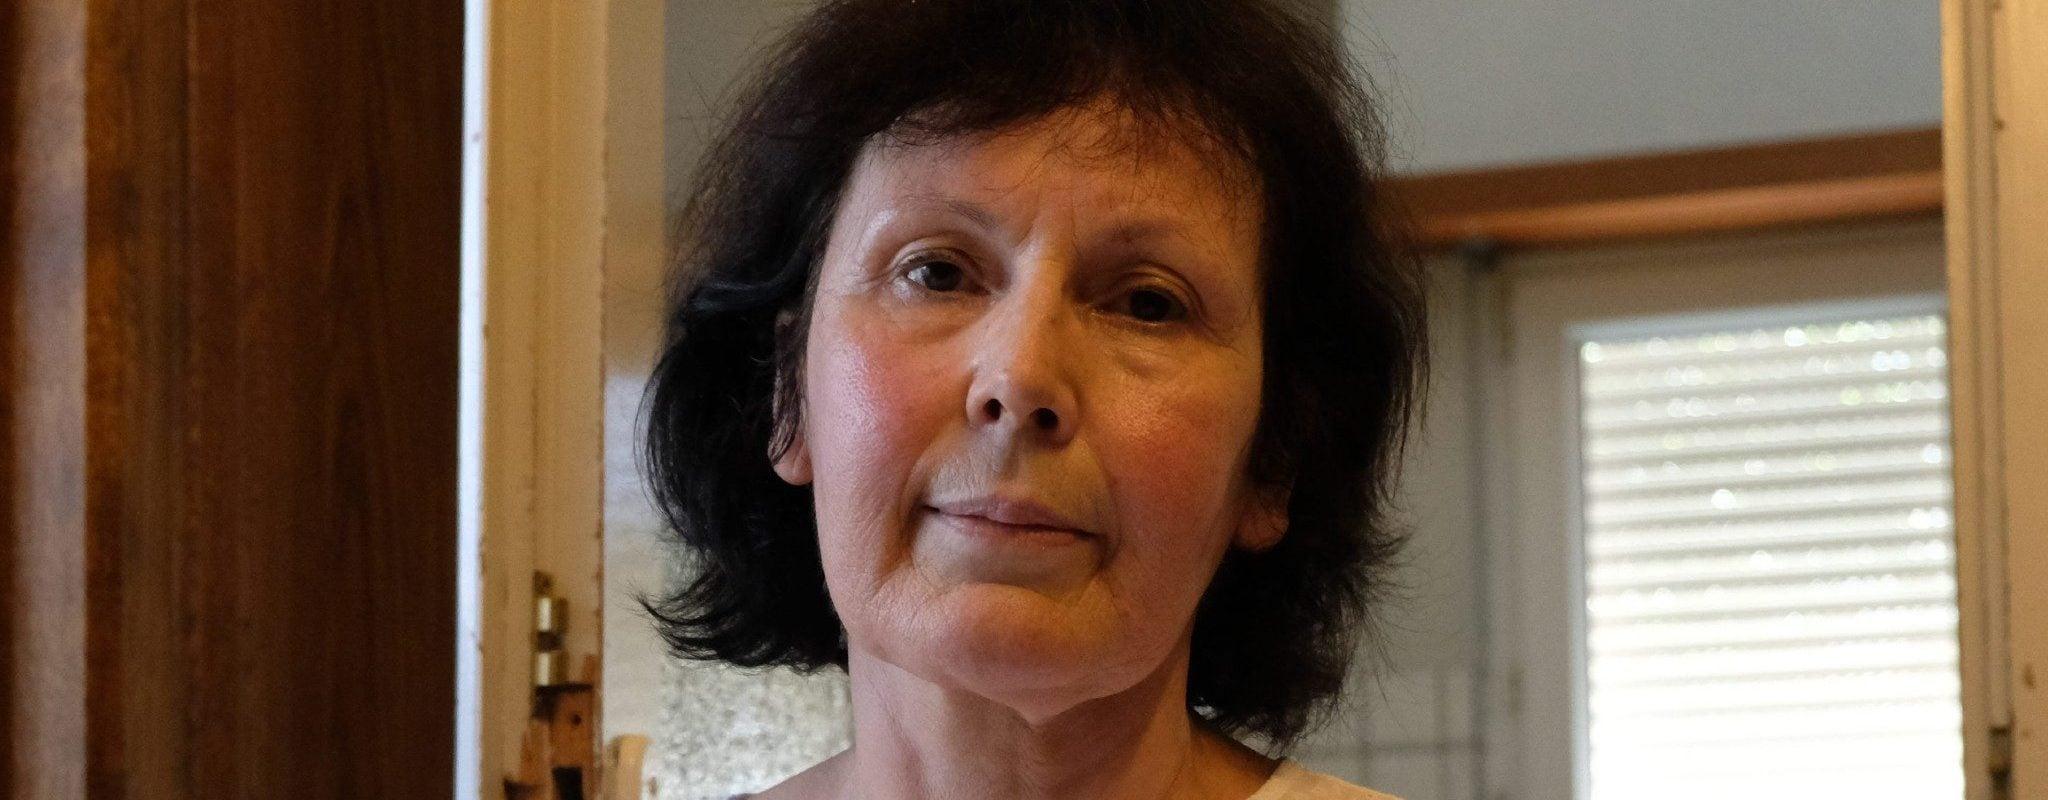 Malgré les condamnations, le Rectorat de Strasbourg méprise le droit et ses agents